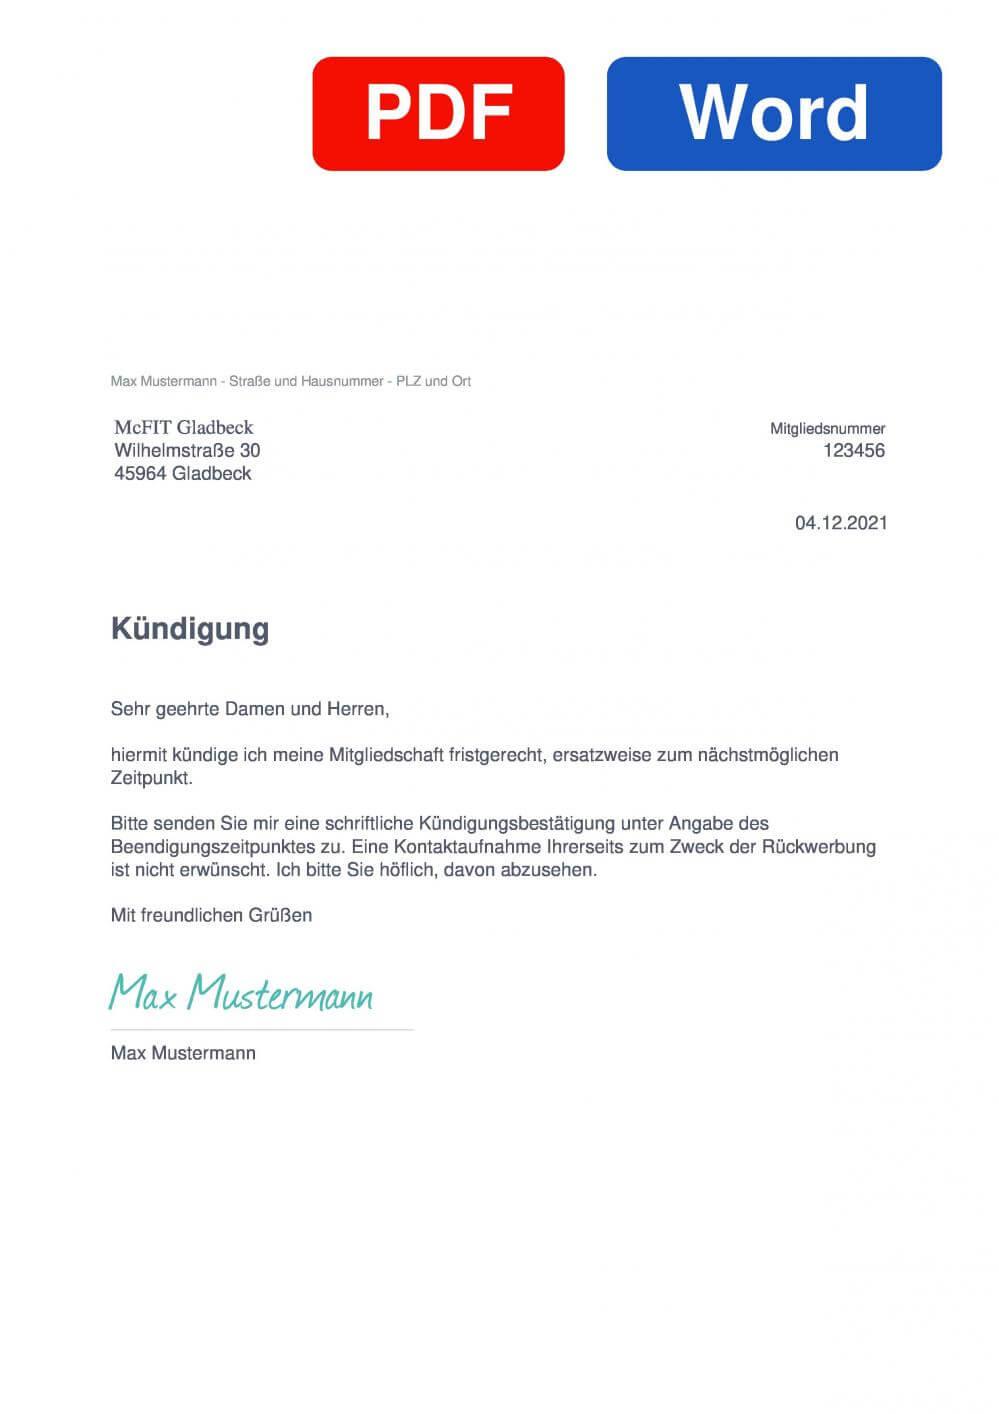 McFIT Gladbeck Muster Vorlage für Kündigungsschreiben